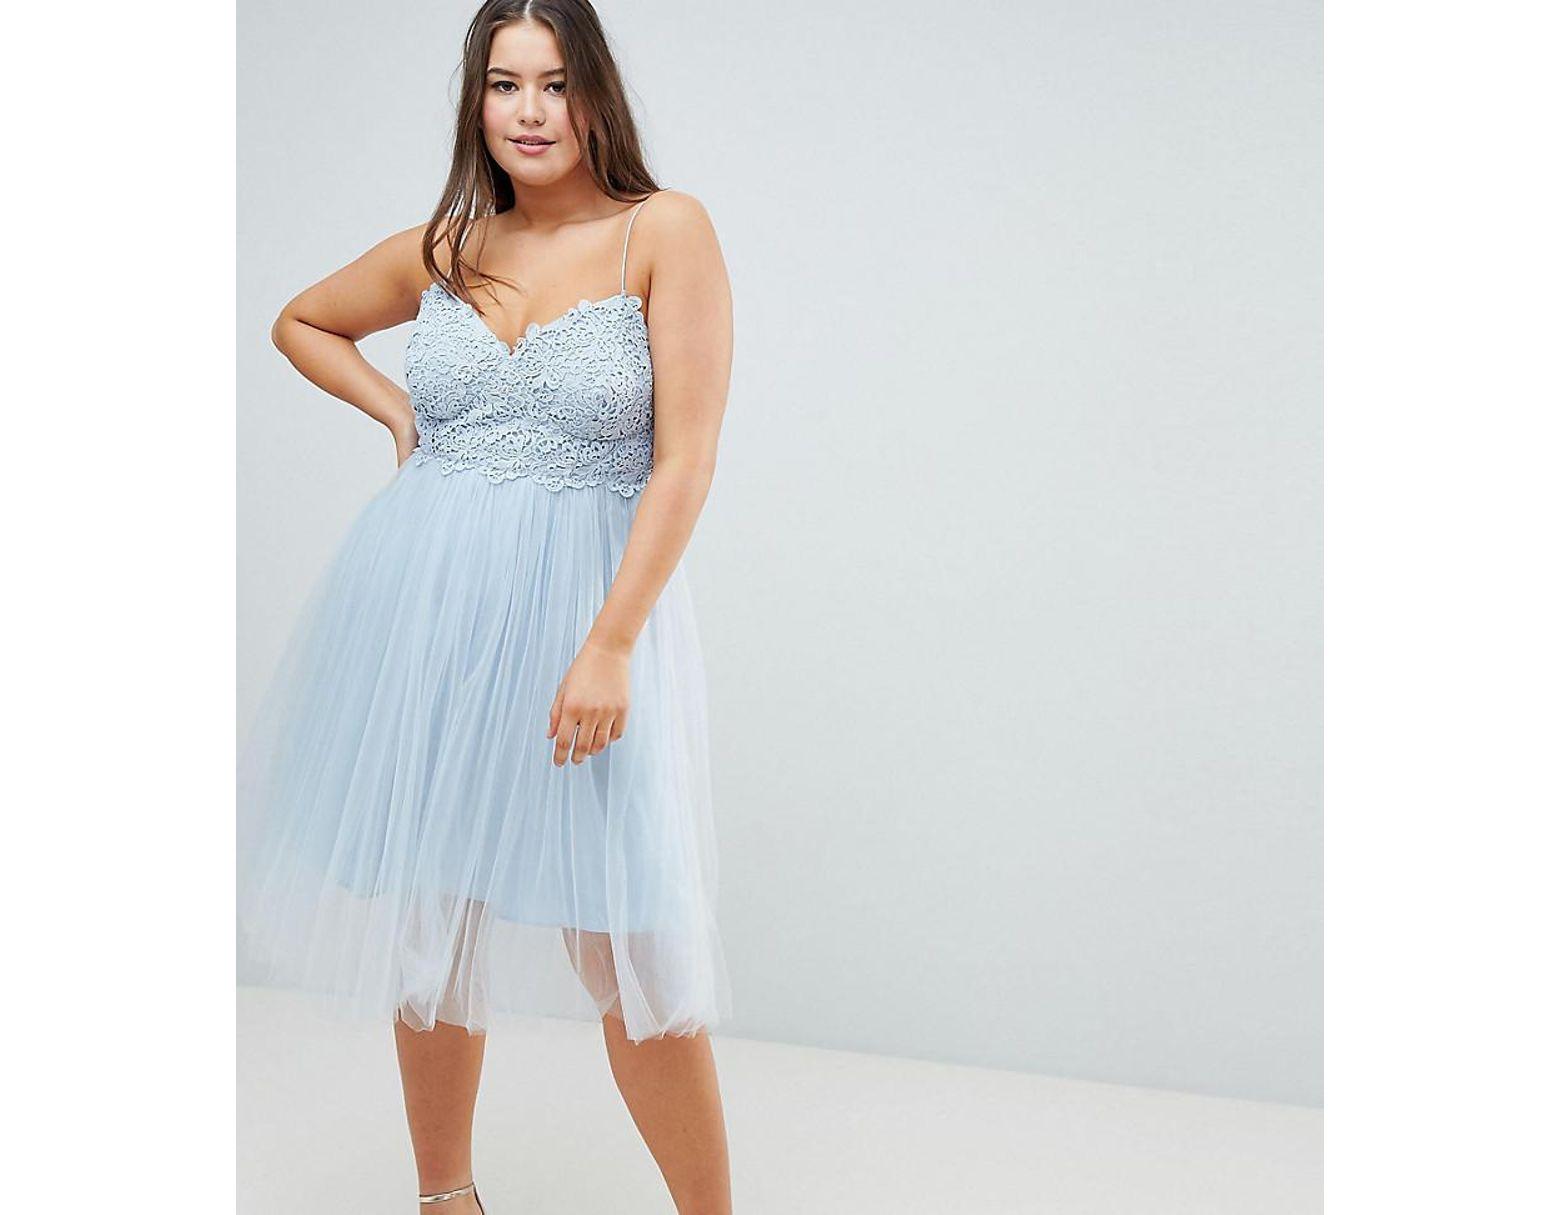 ec7f8f6a1ab ASOS Asos Design Curve Premium Lace Cami Top Tulle Midi Dress in ...